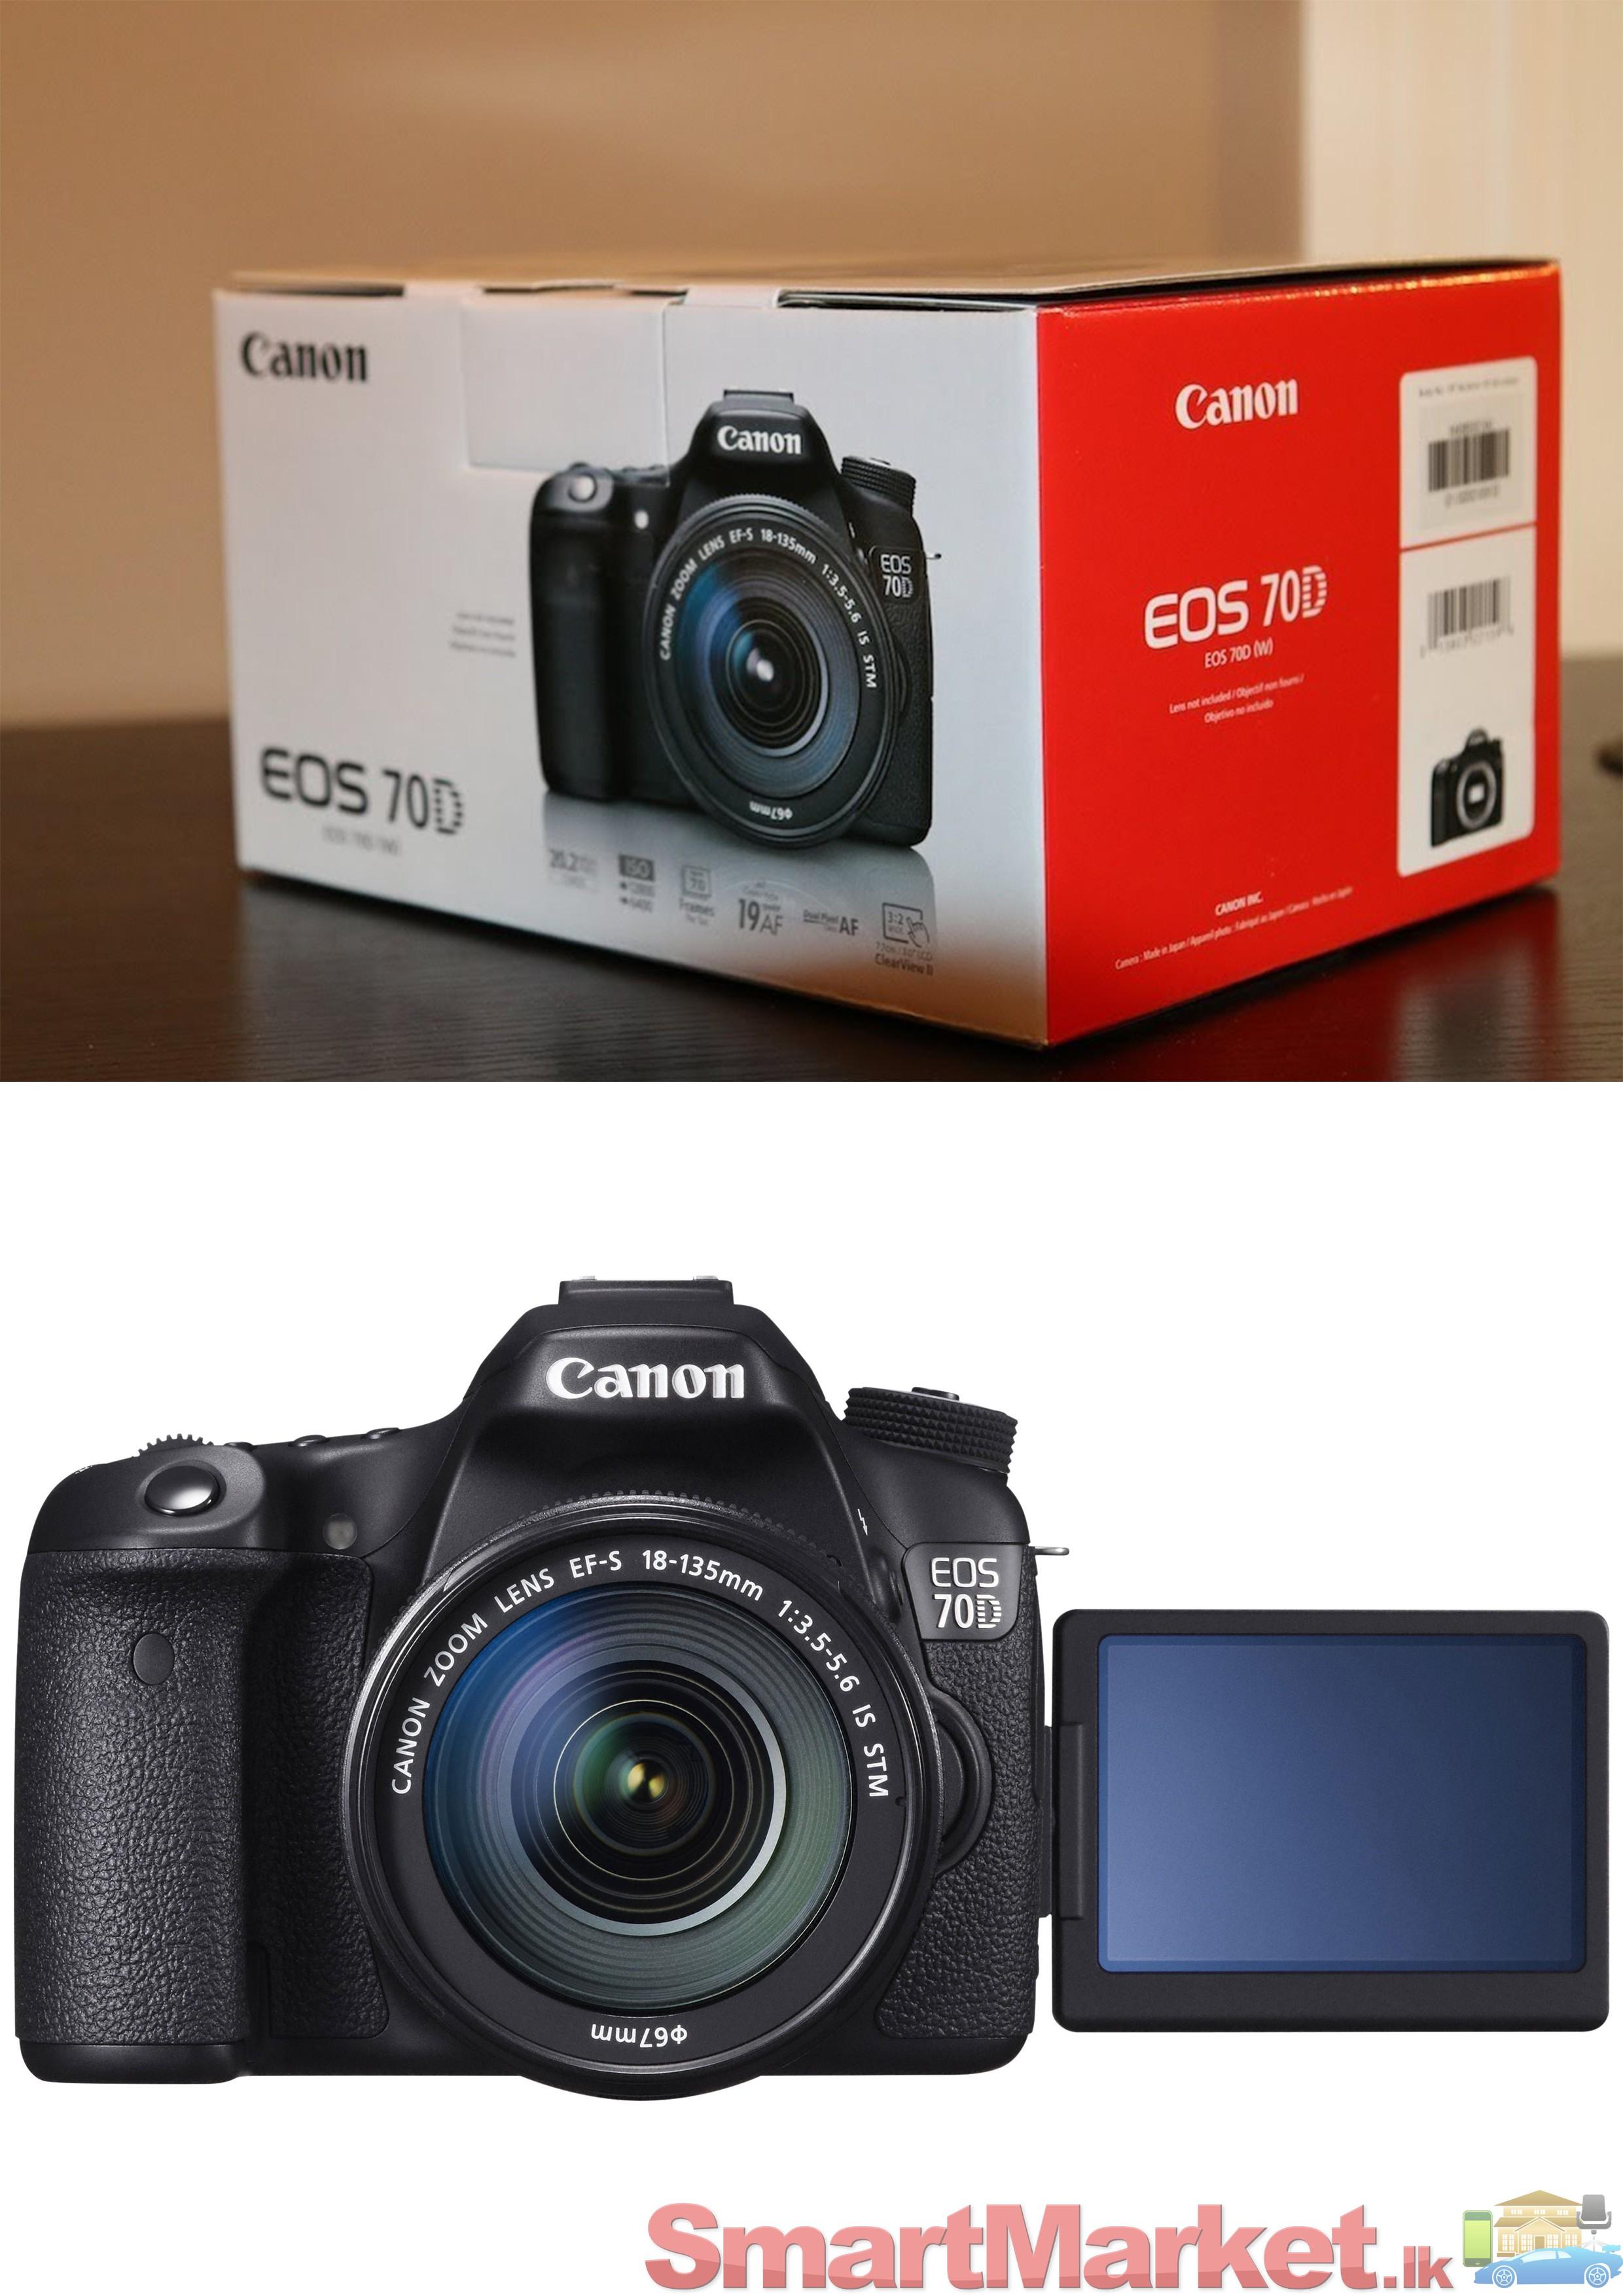 Canon 70d release date in Brisbane